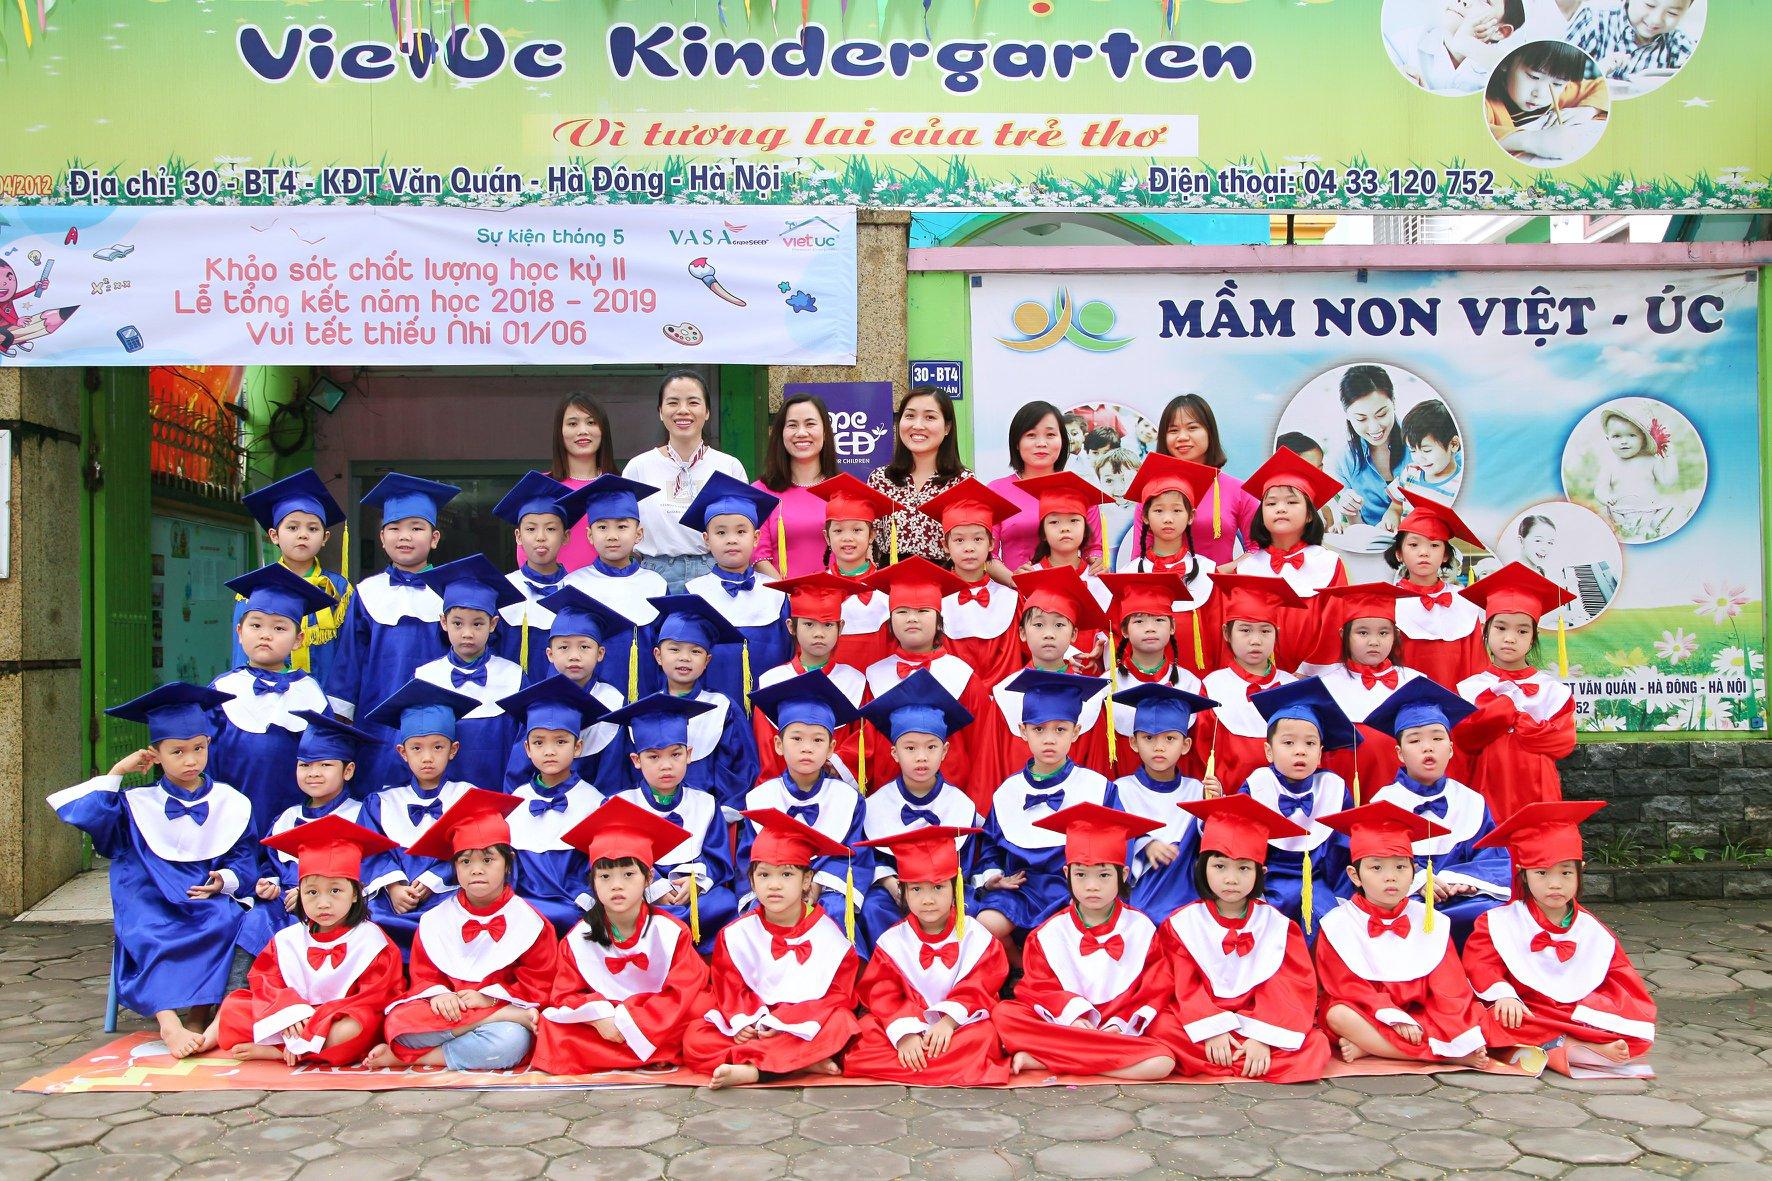 Hệ thống mầm non Việt Úc Montessori - Kỷ yếu ra trường 2019